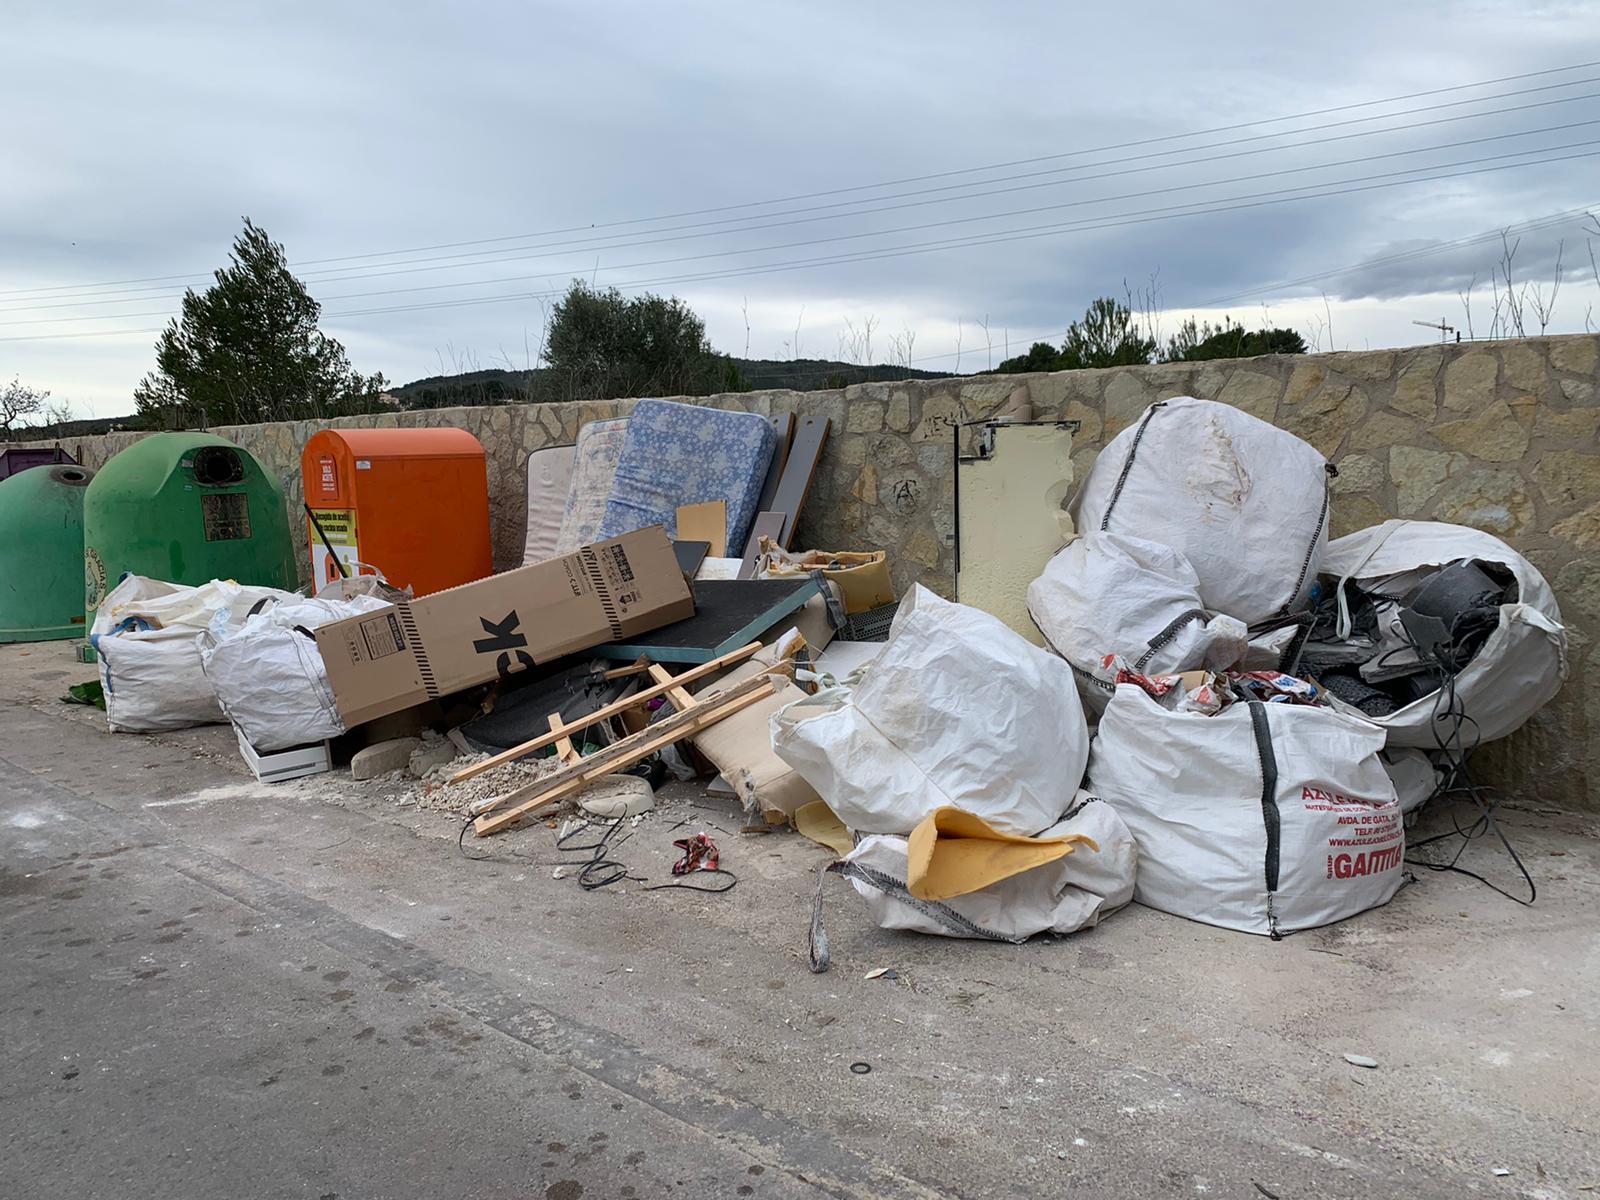 Gran cantidad de desperdicios en una zona de contenedores de Xàbia